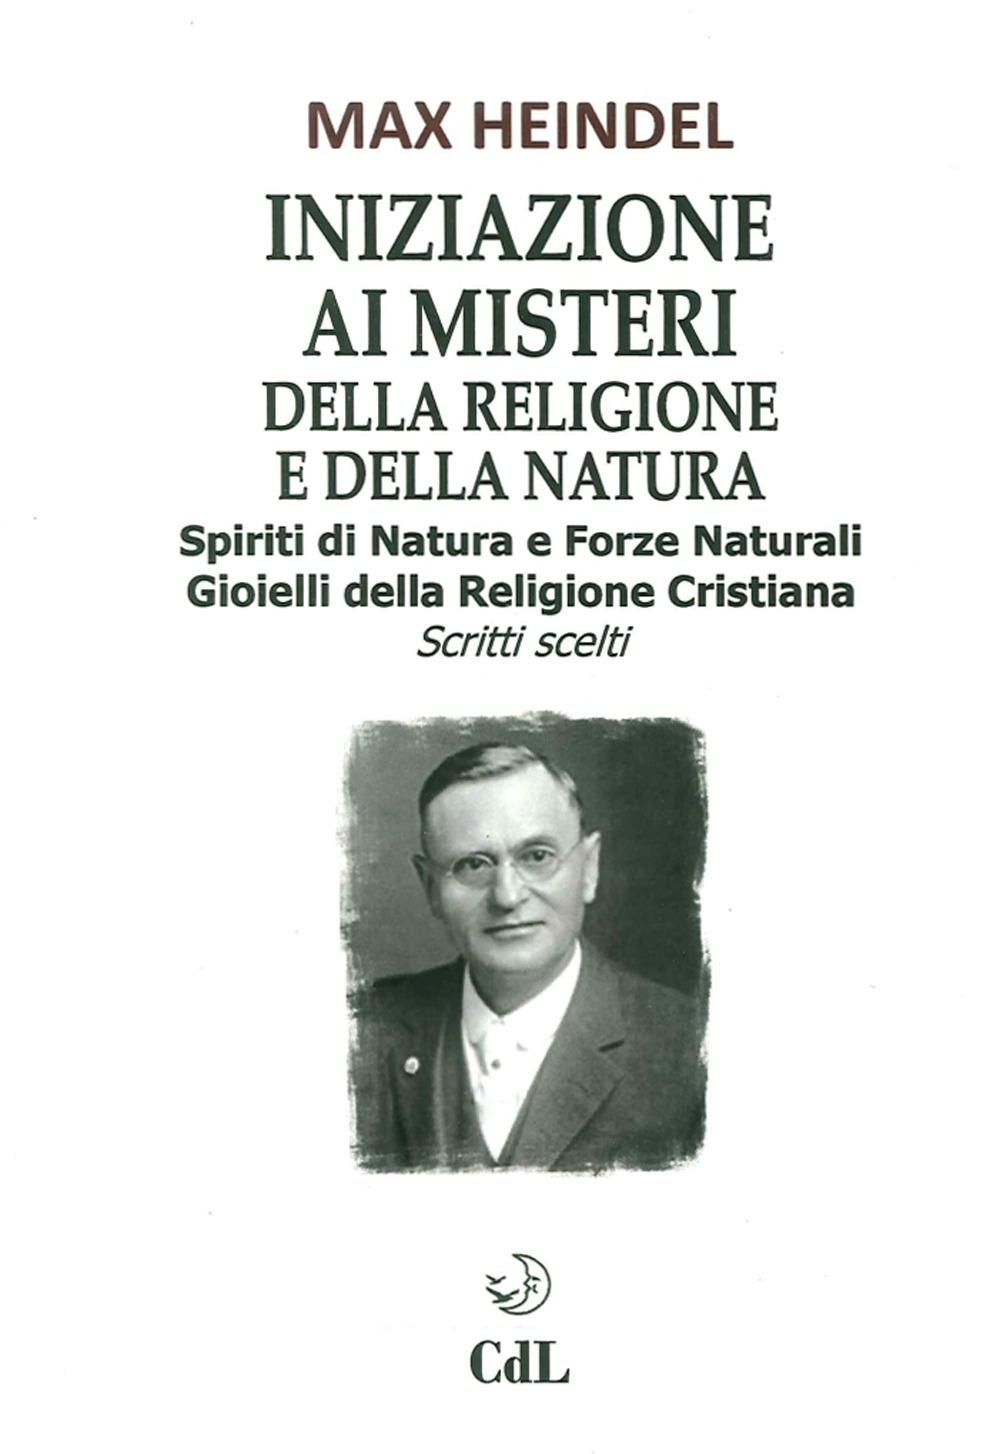 Iniziazione ai Misteri della Religione e della Natura. Spiriti di Natura e Forze Naturali. Gioielli della Religione Cristiana. Scritti Scelti.